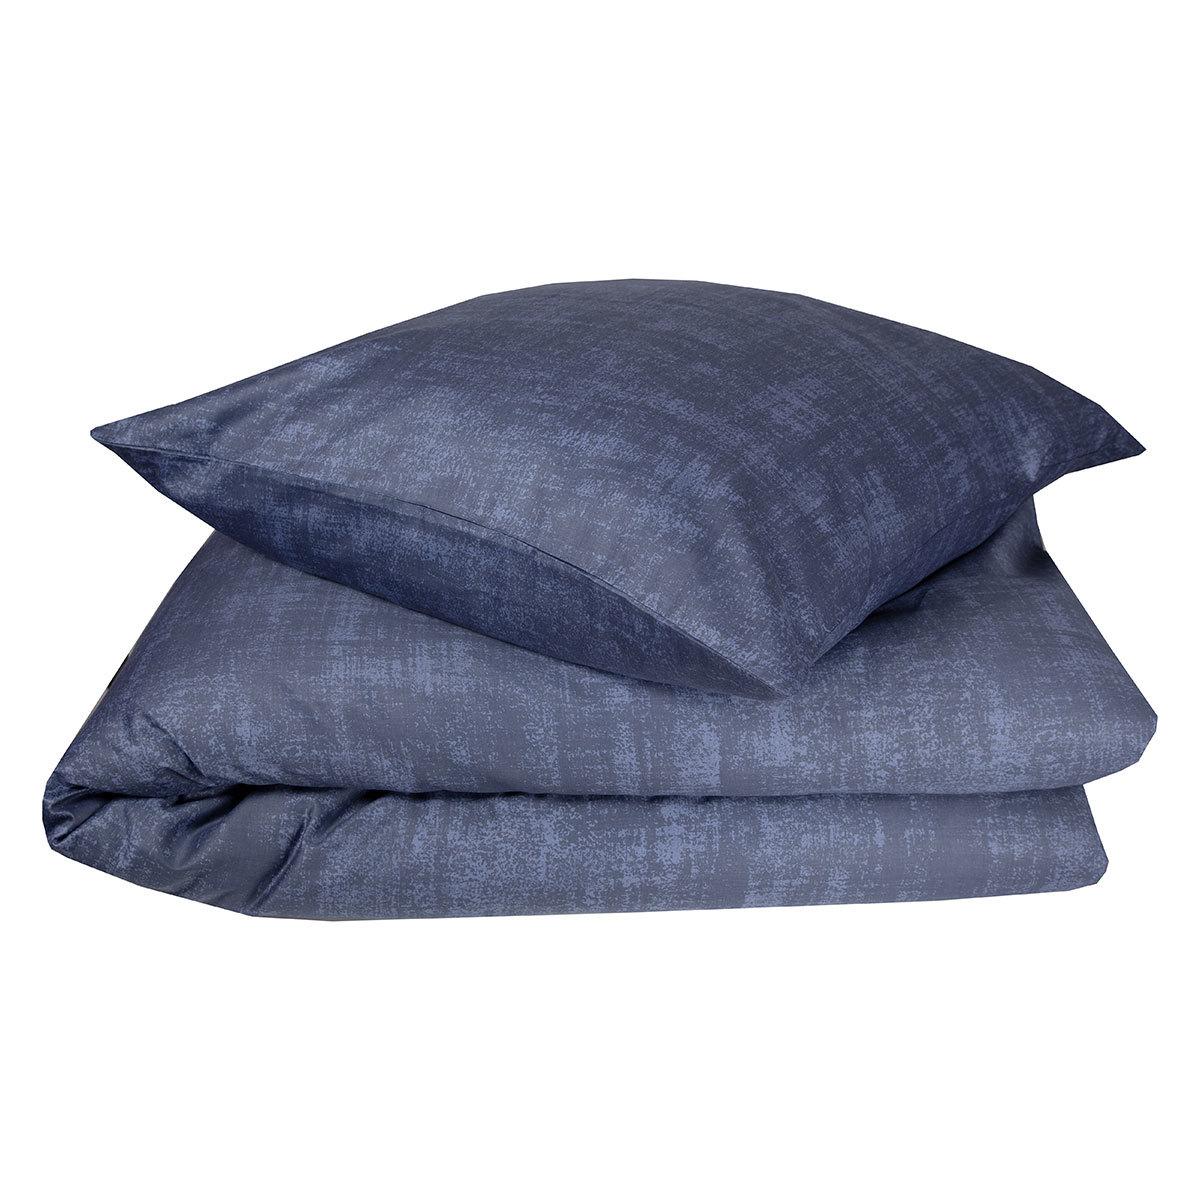 sch ner wohnen bettw sche shaby marine g nstig online. Black Bedroom Furniture Sets. Home Design Ideas